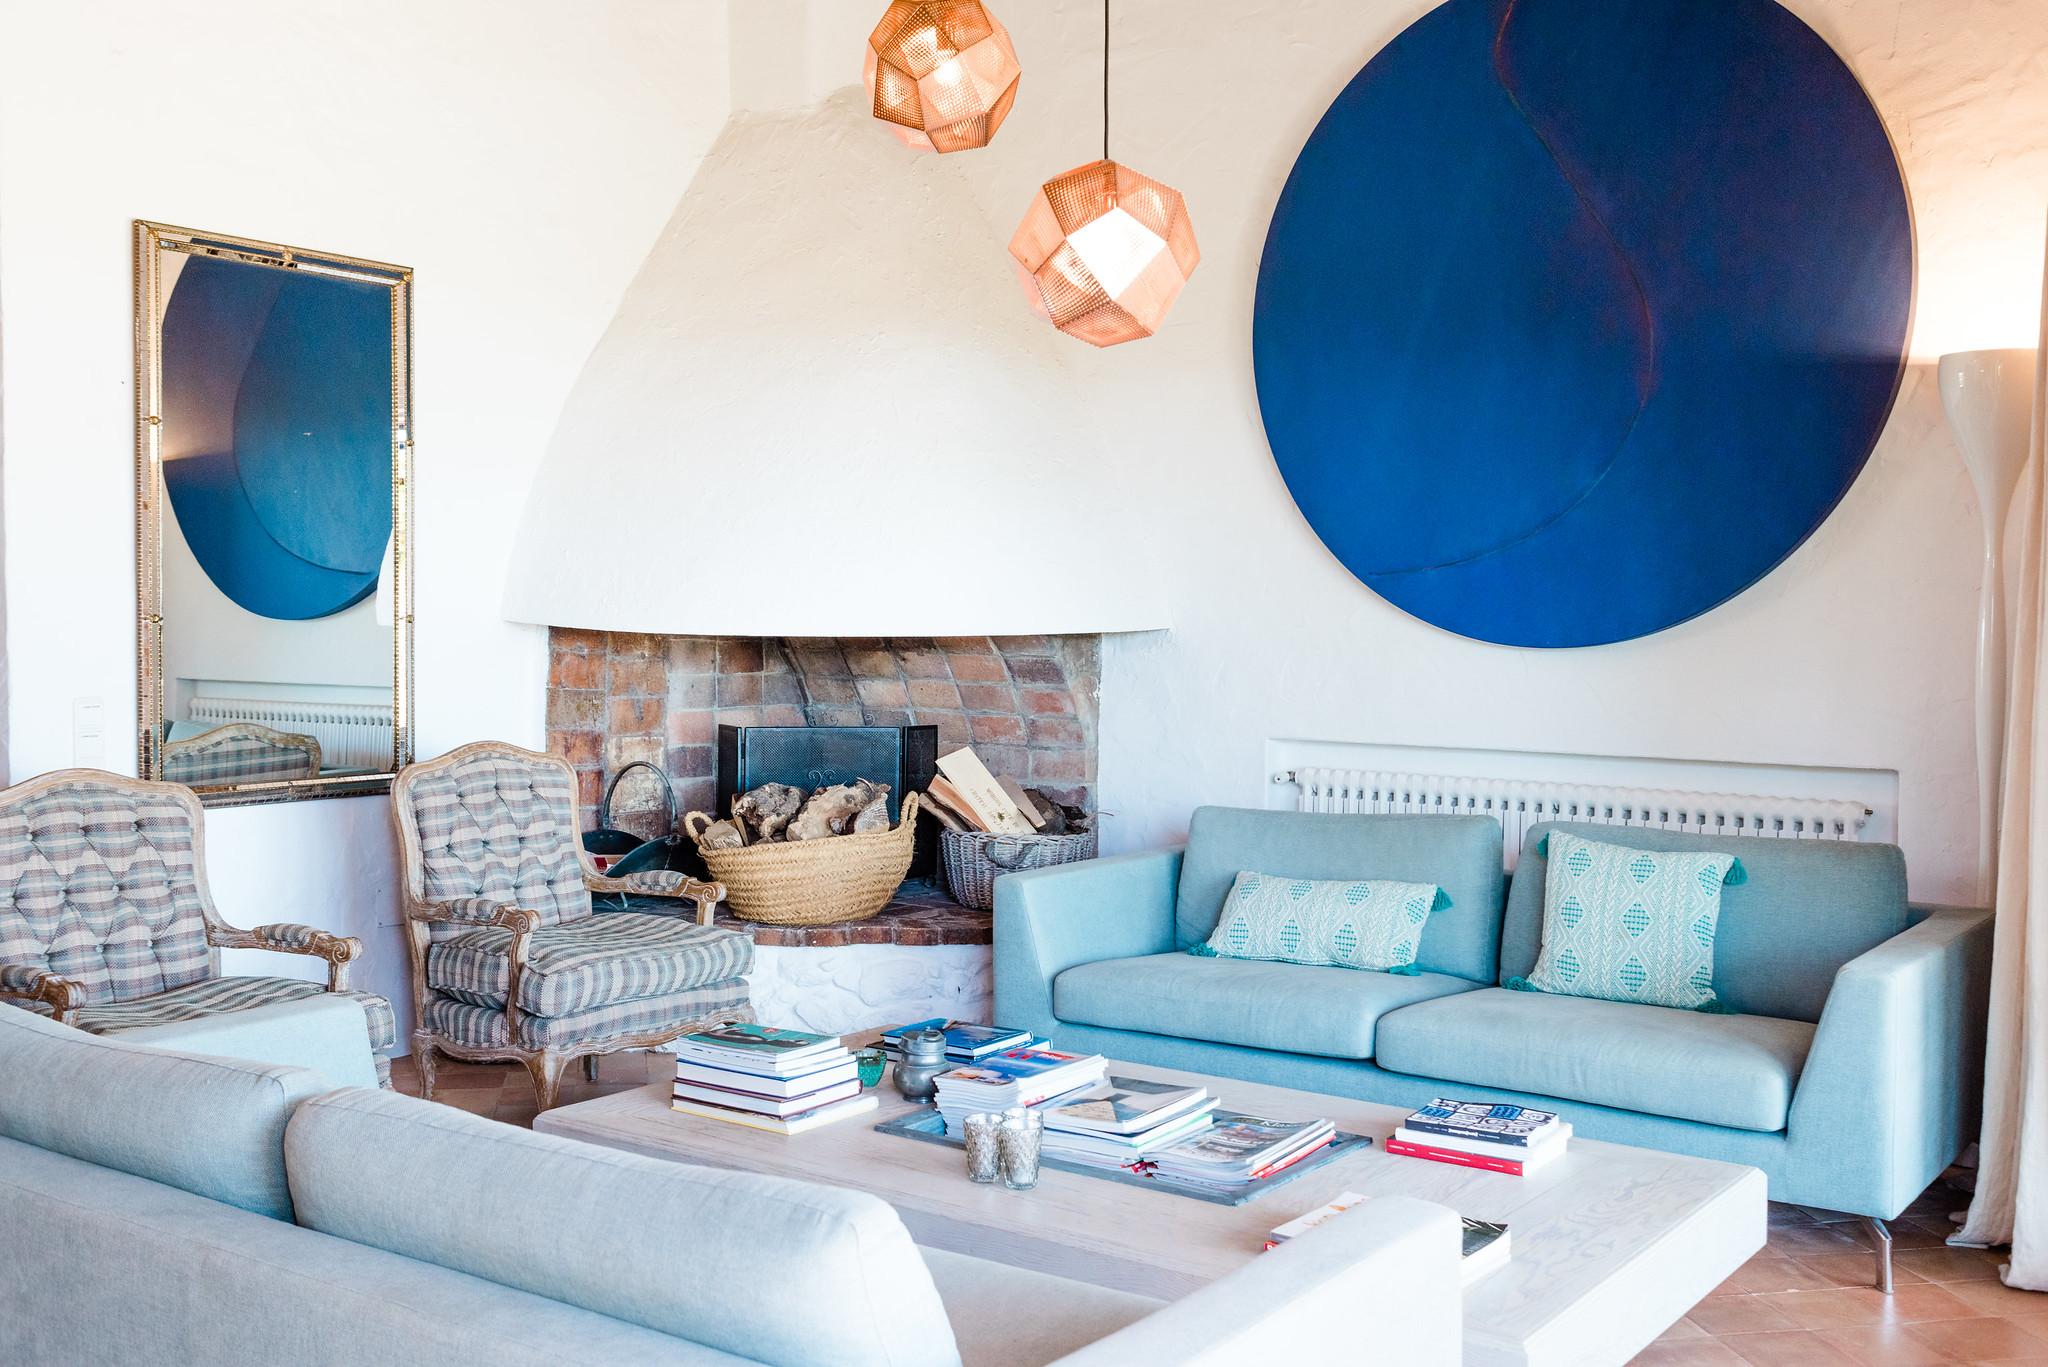 https://www.white-ibiza.com/wp-content/uploads/2020/06/white-ibiza-villas-villa-andrea-interior-living-room2.jpg